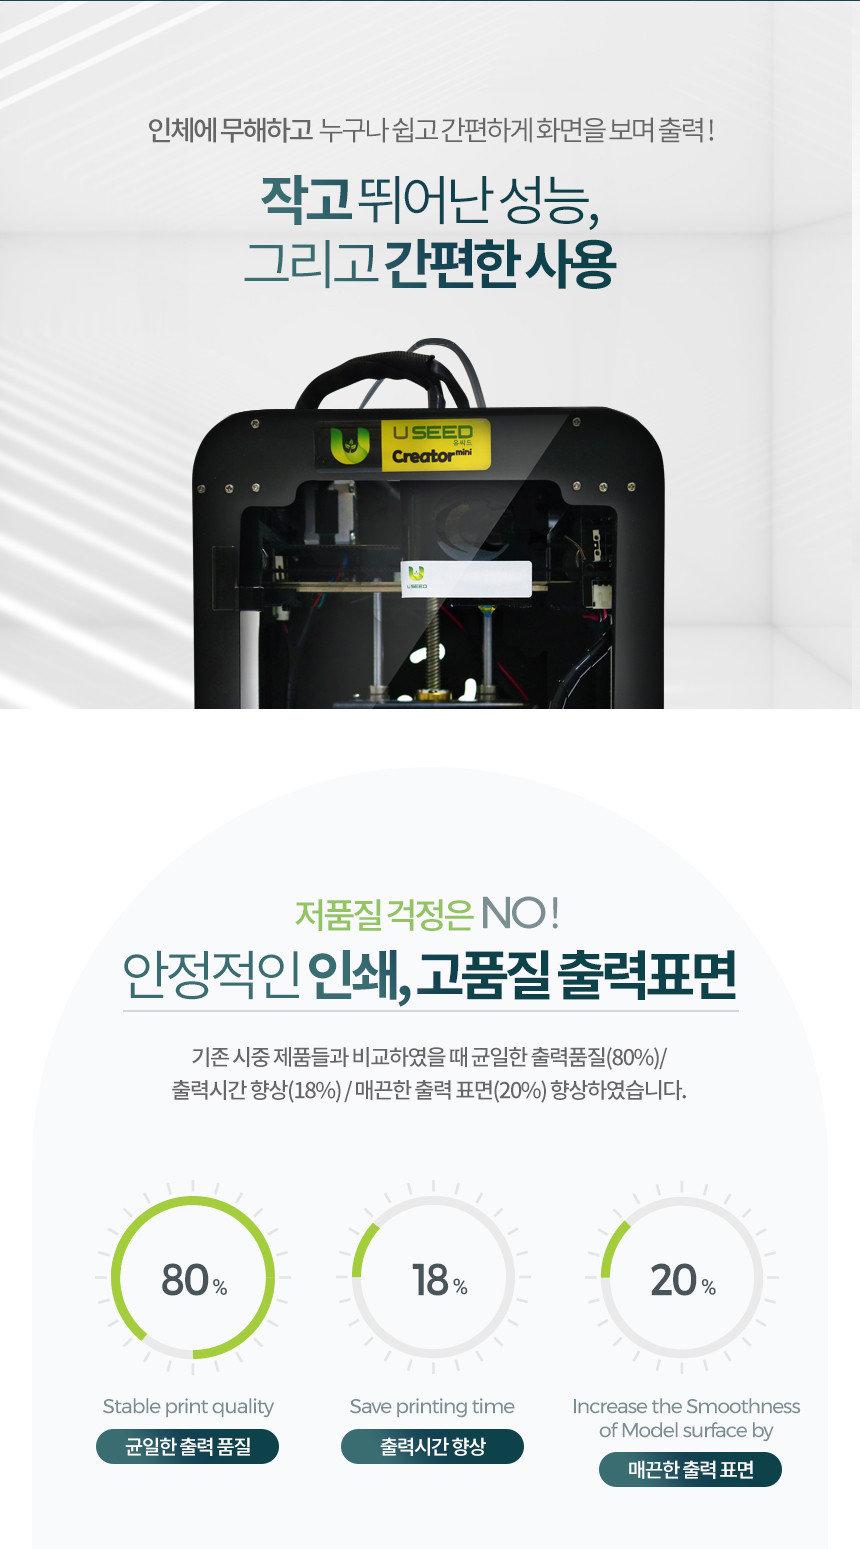 02_성능과품질.jpg